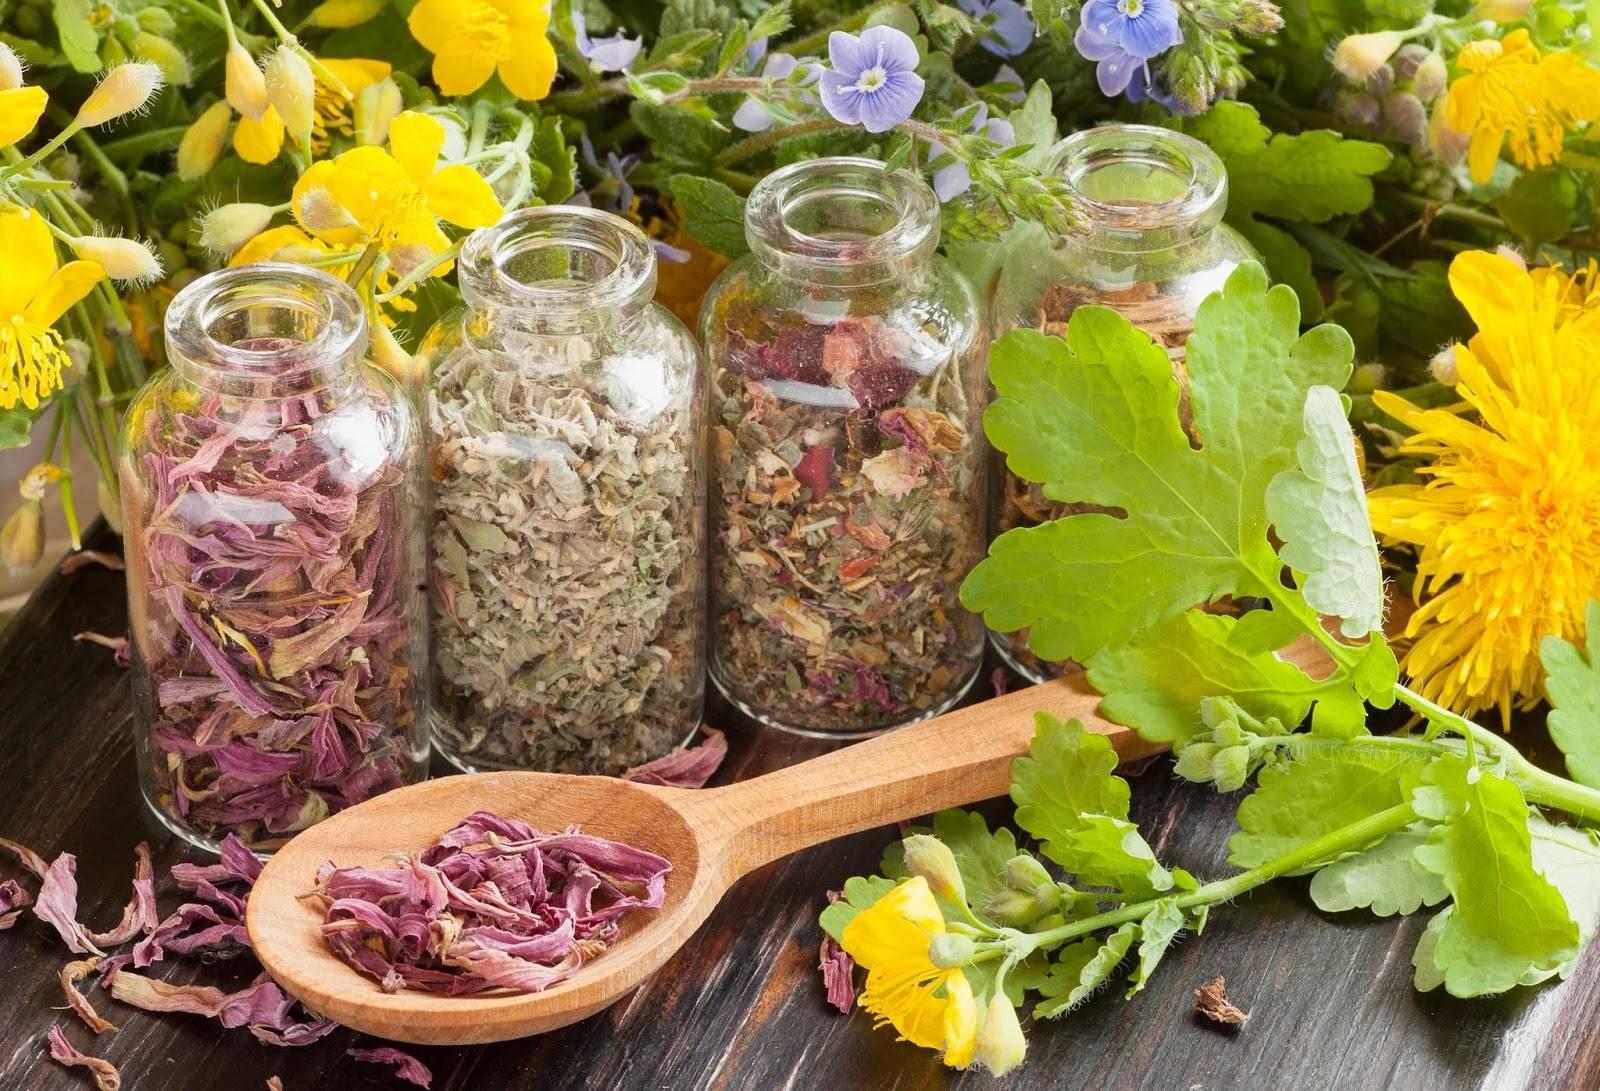 Монастырский чай - прекрасное средство для борьбы с болезнями сердечно - сосудистой системы